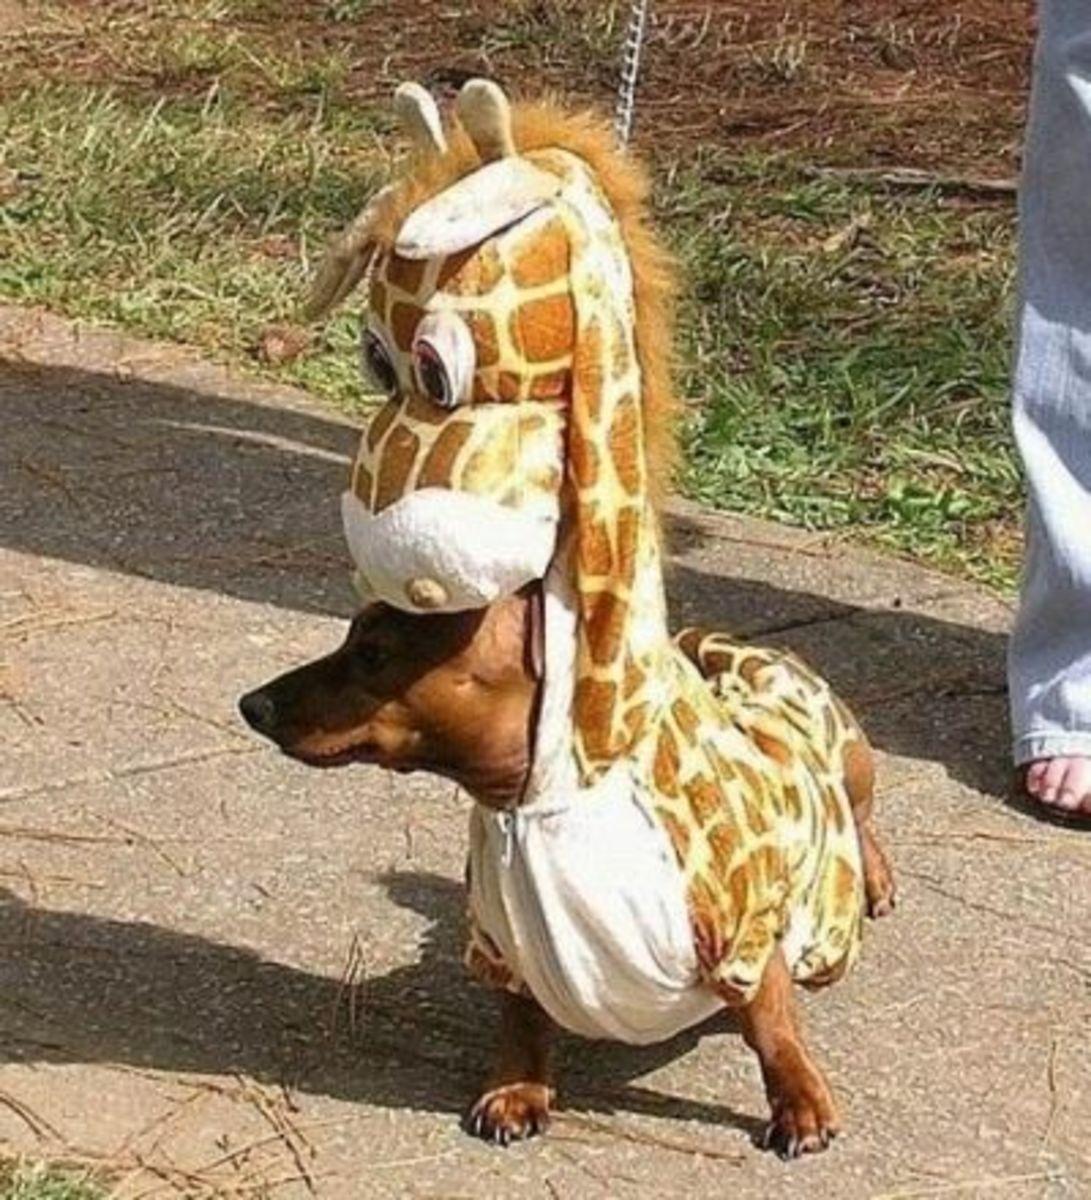 October 2nd - Giraffe